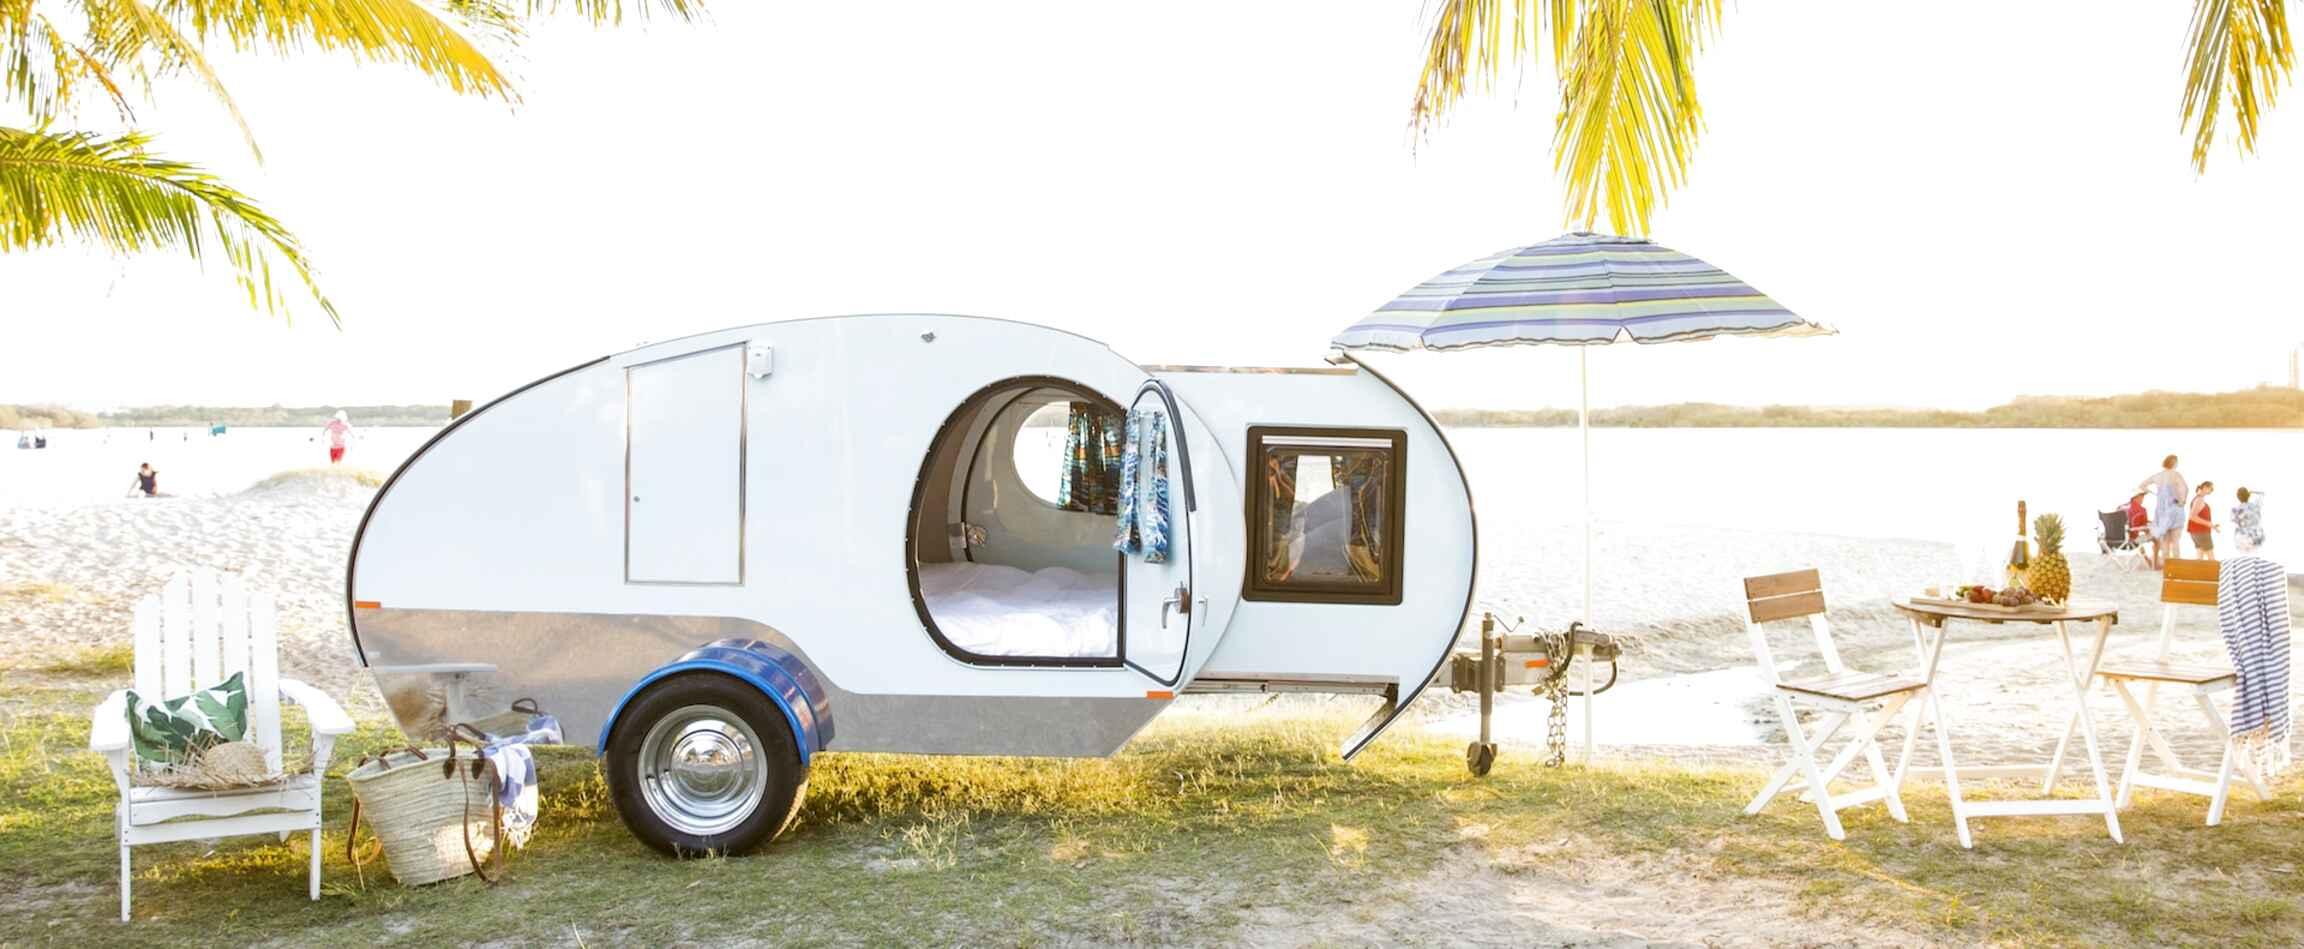 glamper camper for sale